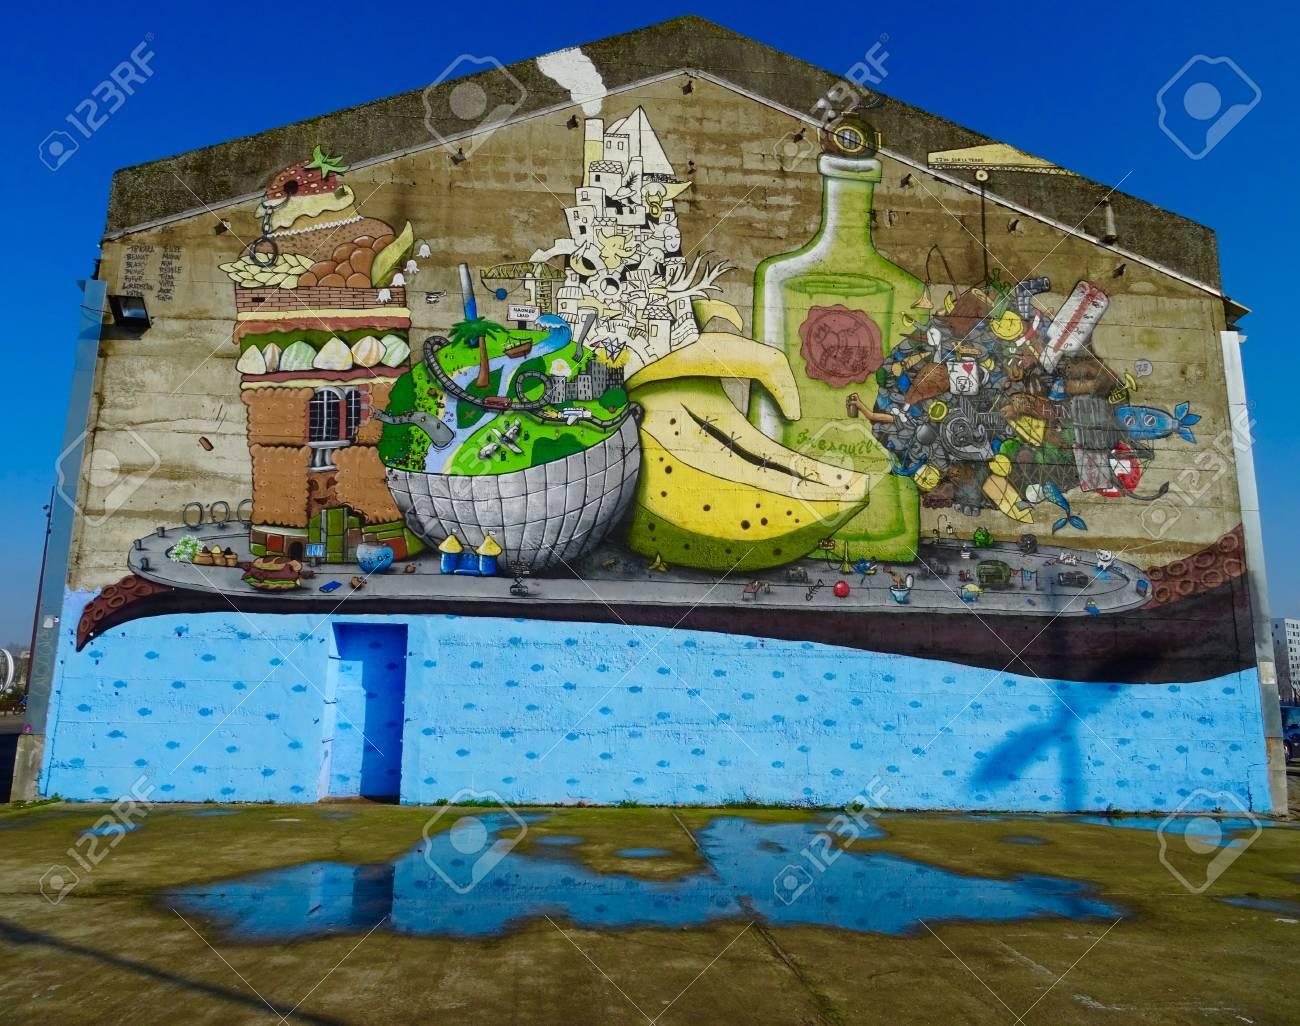 Graffiti En Una Casa Con Verduras La C En Nantes Fotos Retratos - Graffitis-en-casa